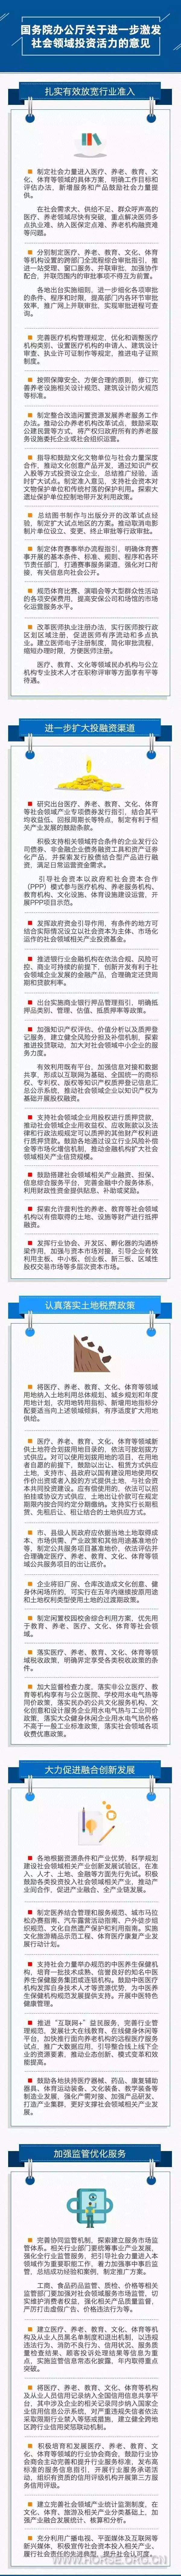 新萄京娱乐场.2959.com 1